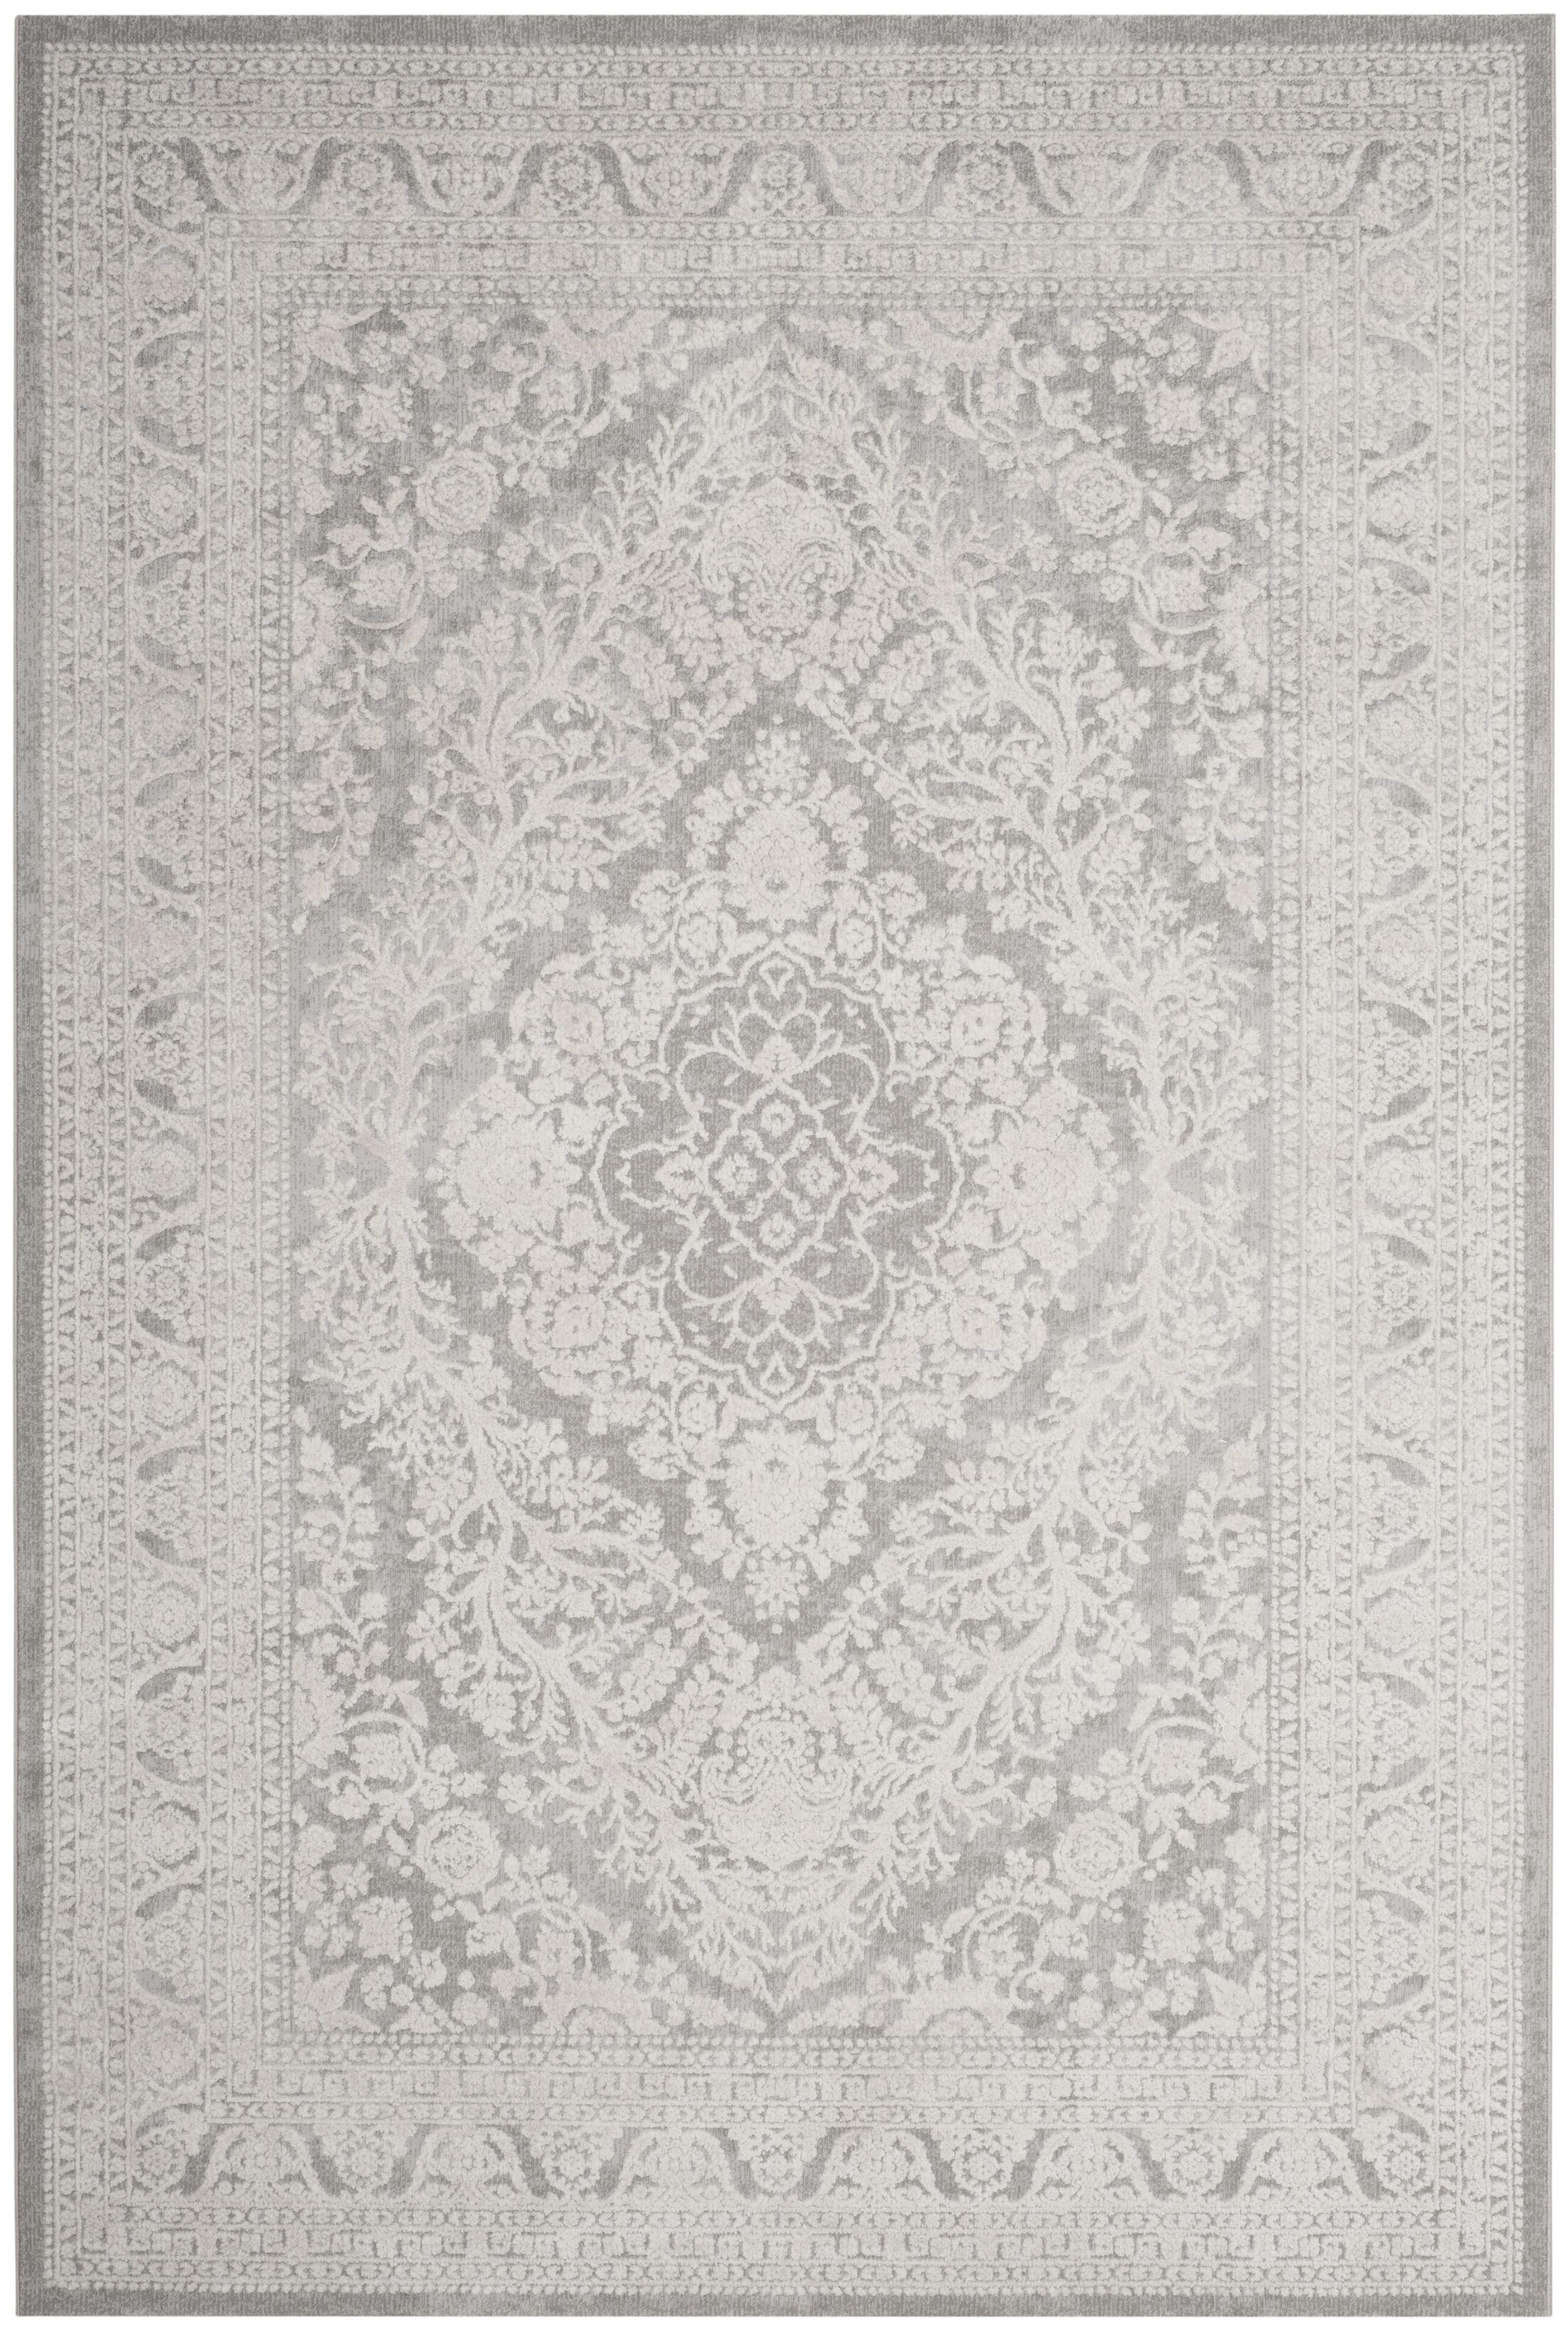 Pellot Light Gray/Cream Area Rug Rug Size: Runner 2'3